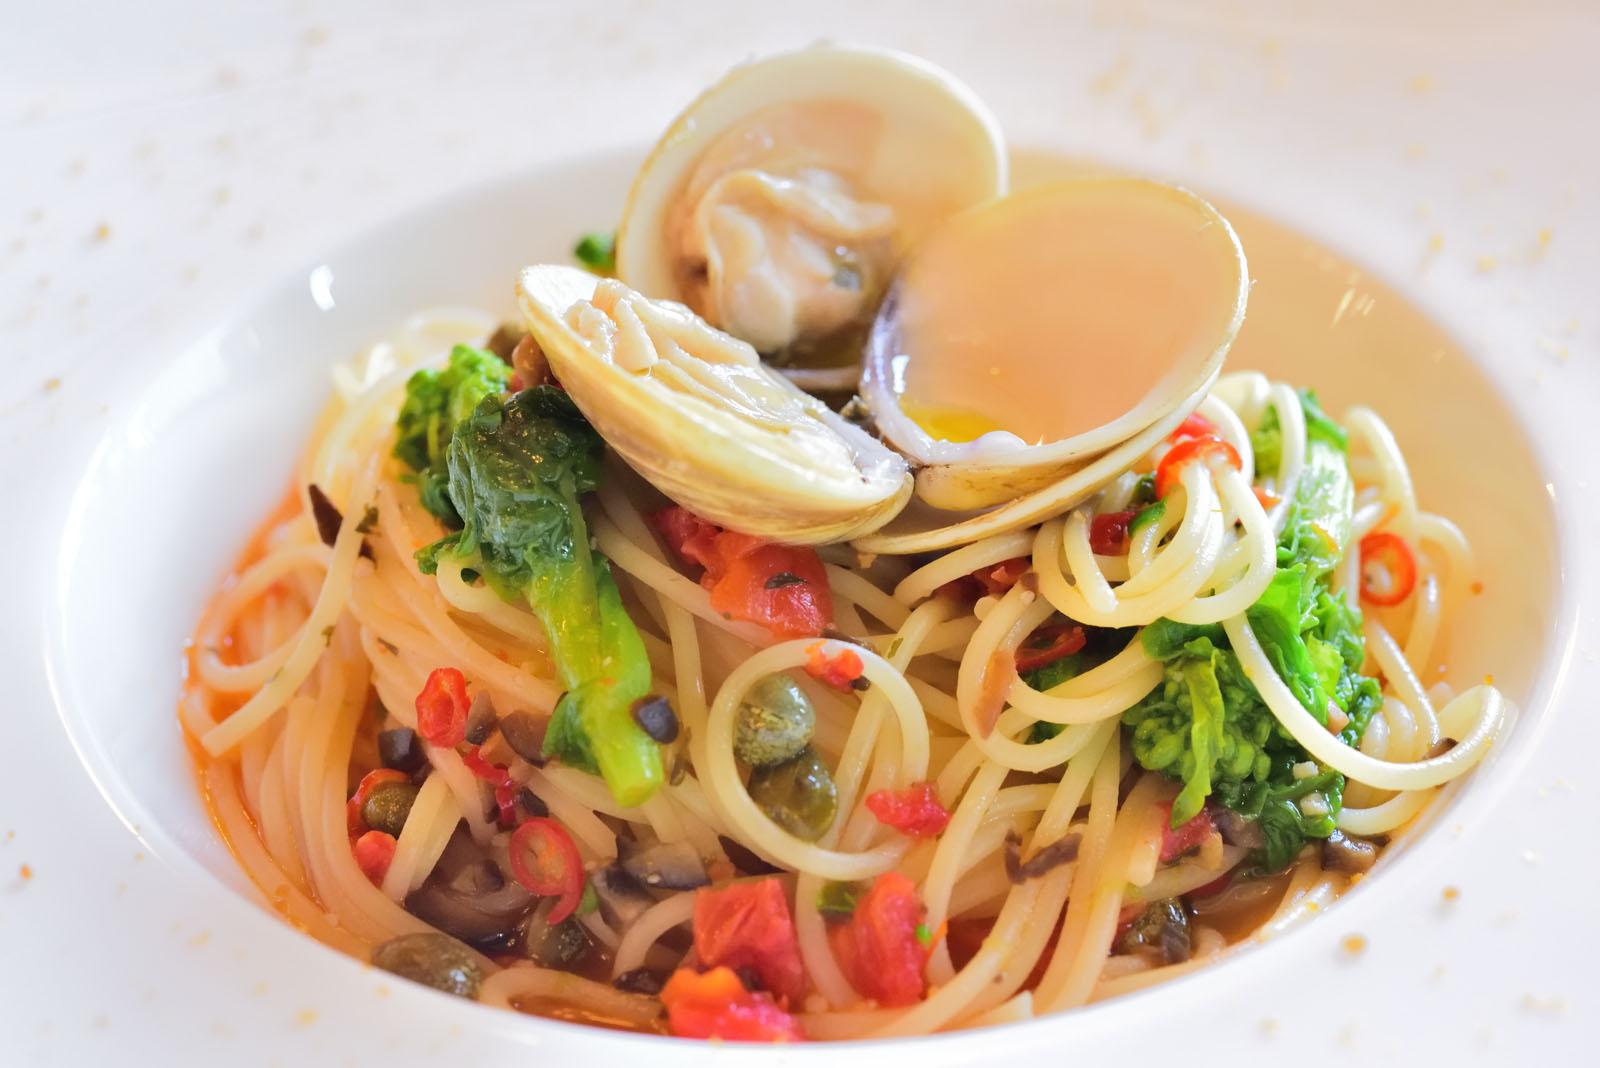 イーストサイド・カフェ ディズニー・イースター2019スペシャルセット 蛤と菜の花のスパゲッティーニ